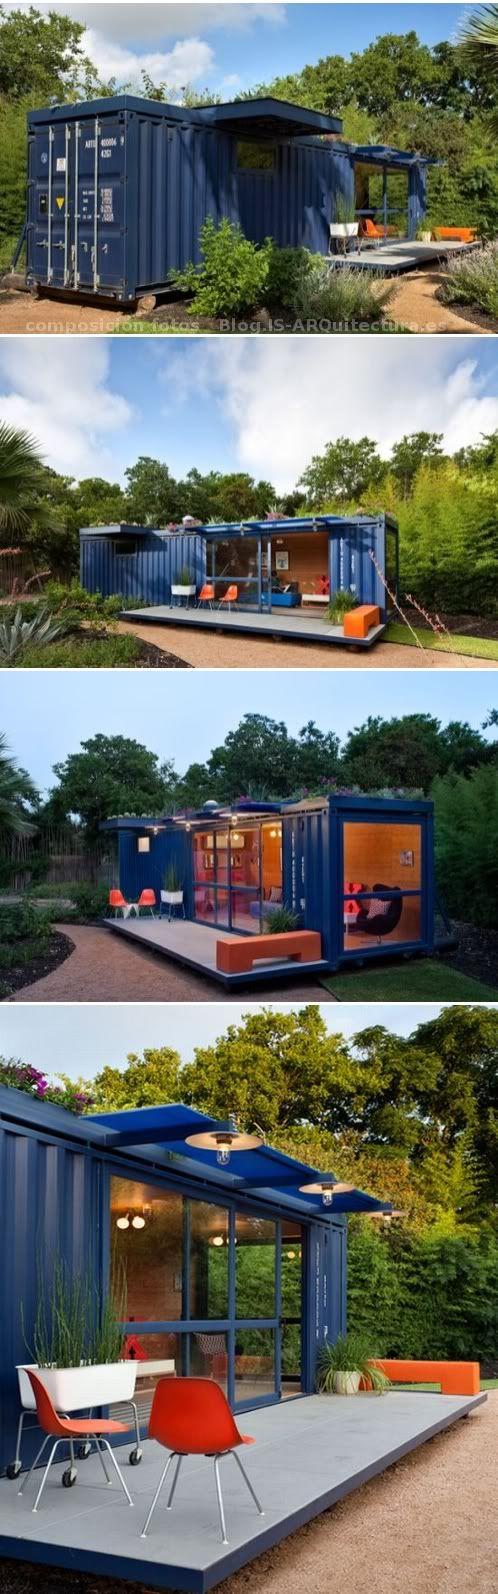 backyard structure  art studios & guest cottages  Pinterest  콘테이너 하우스 ...